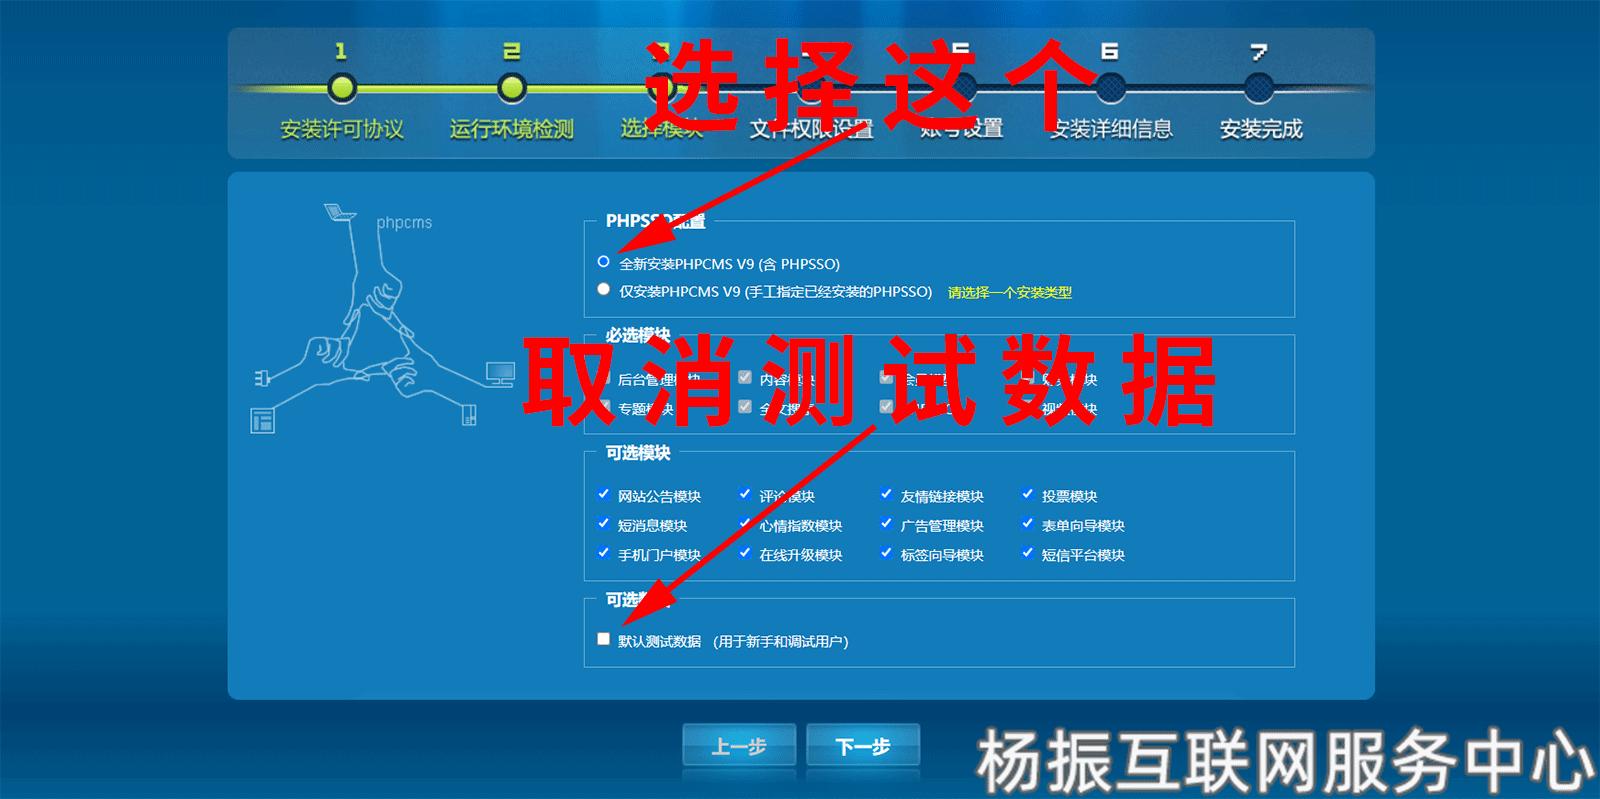 phpcms教程:phpcms下载和安装步骤